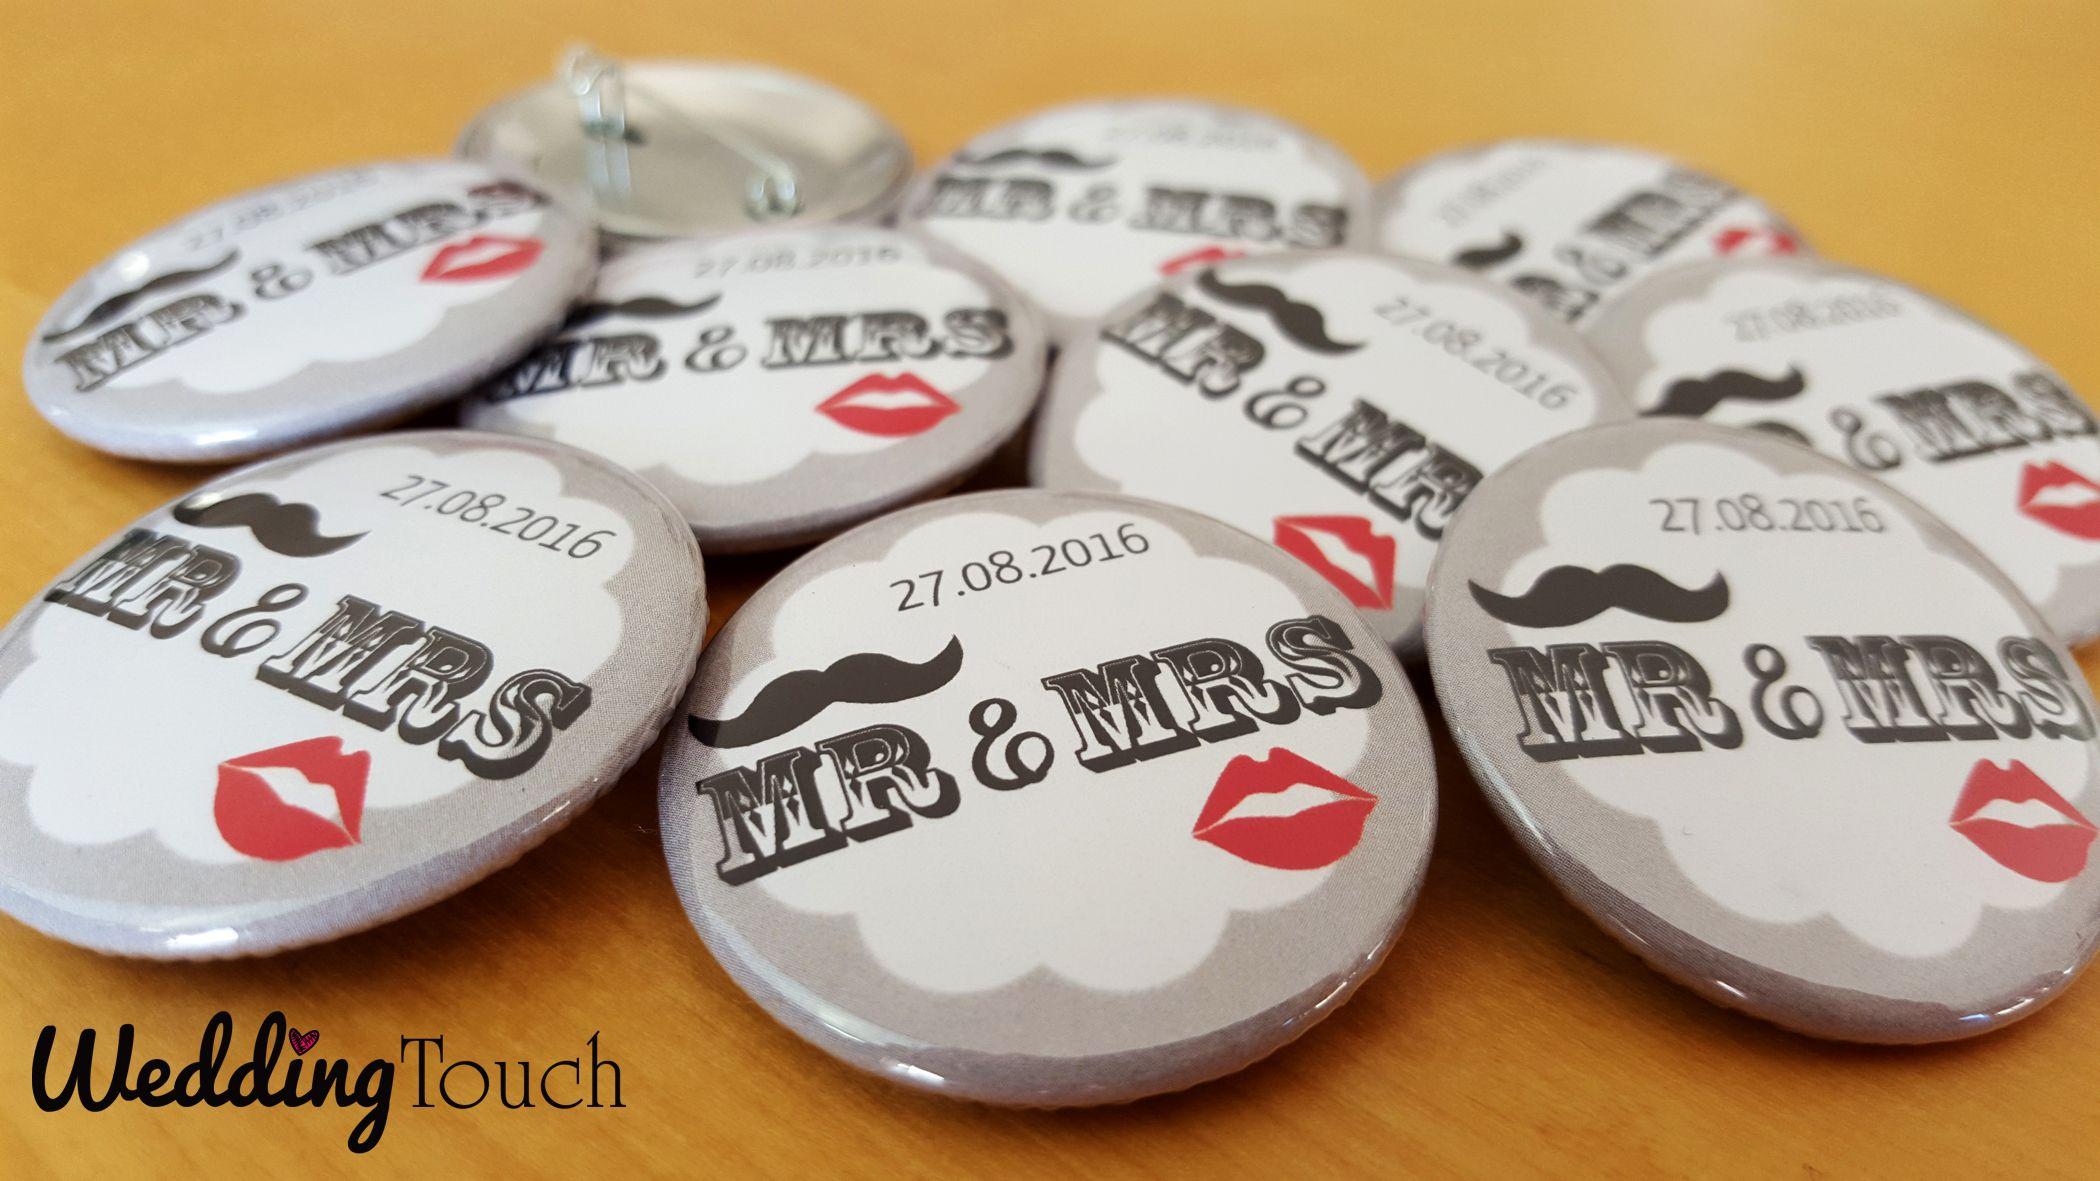 badges personnaliss mariage rtro vintage avec bouche et moustache date du mariage version mr mrs weddingtouch mariage divers pinterest - Badges Personnaliss Mariage